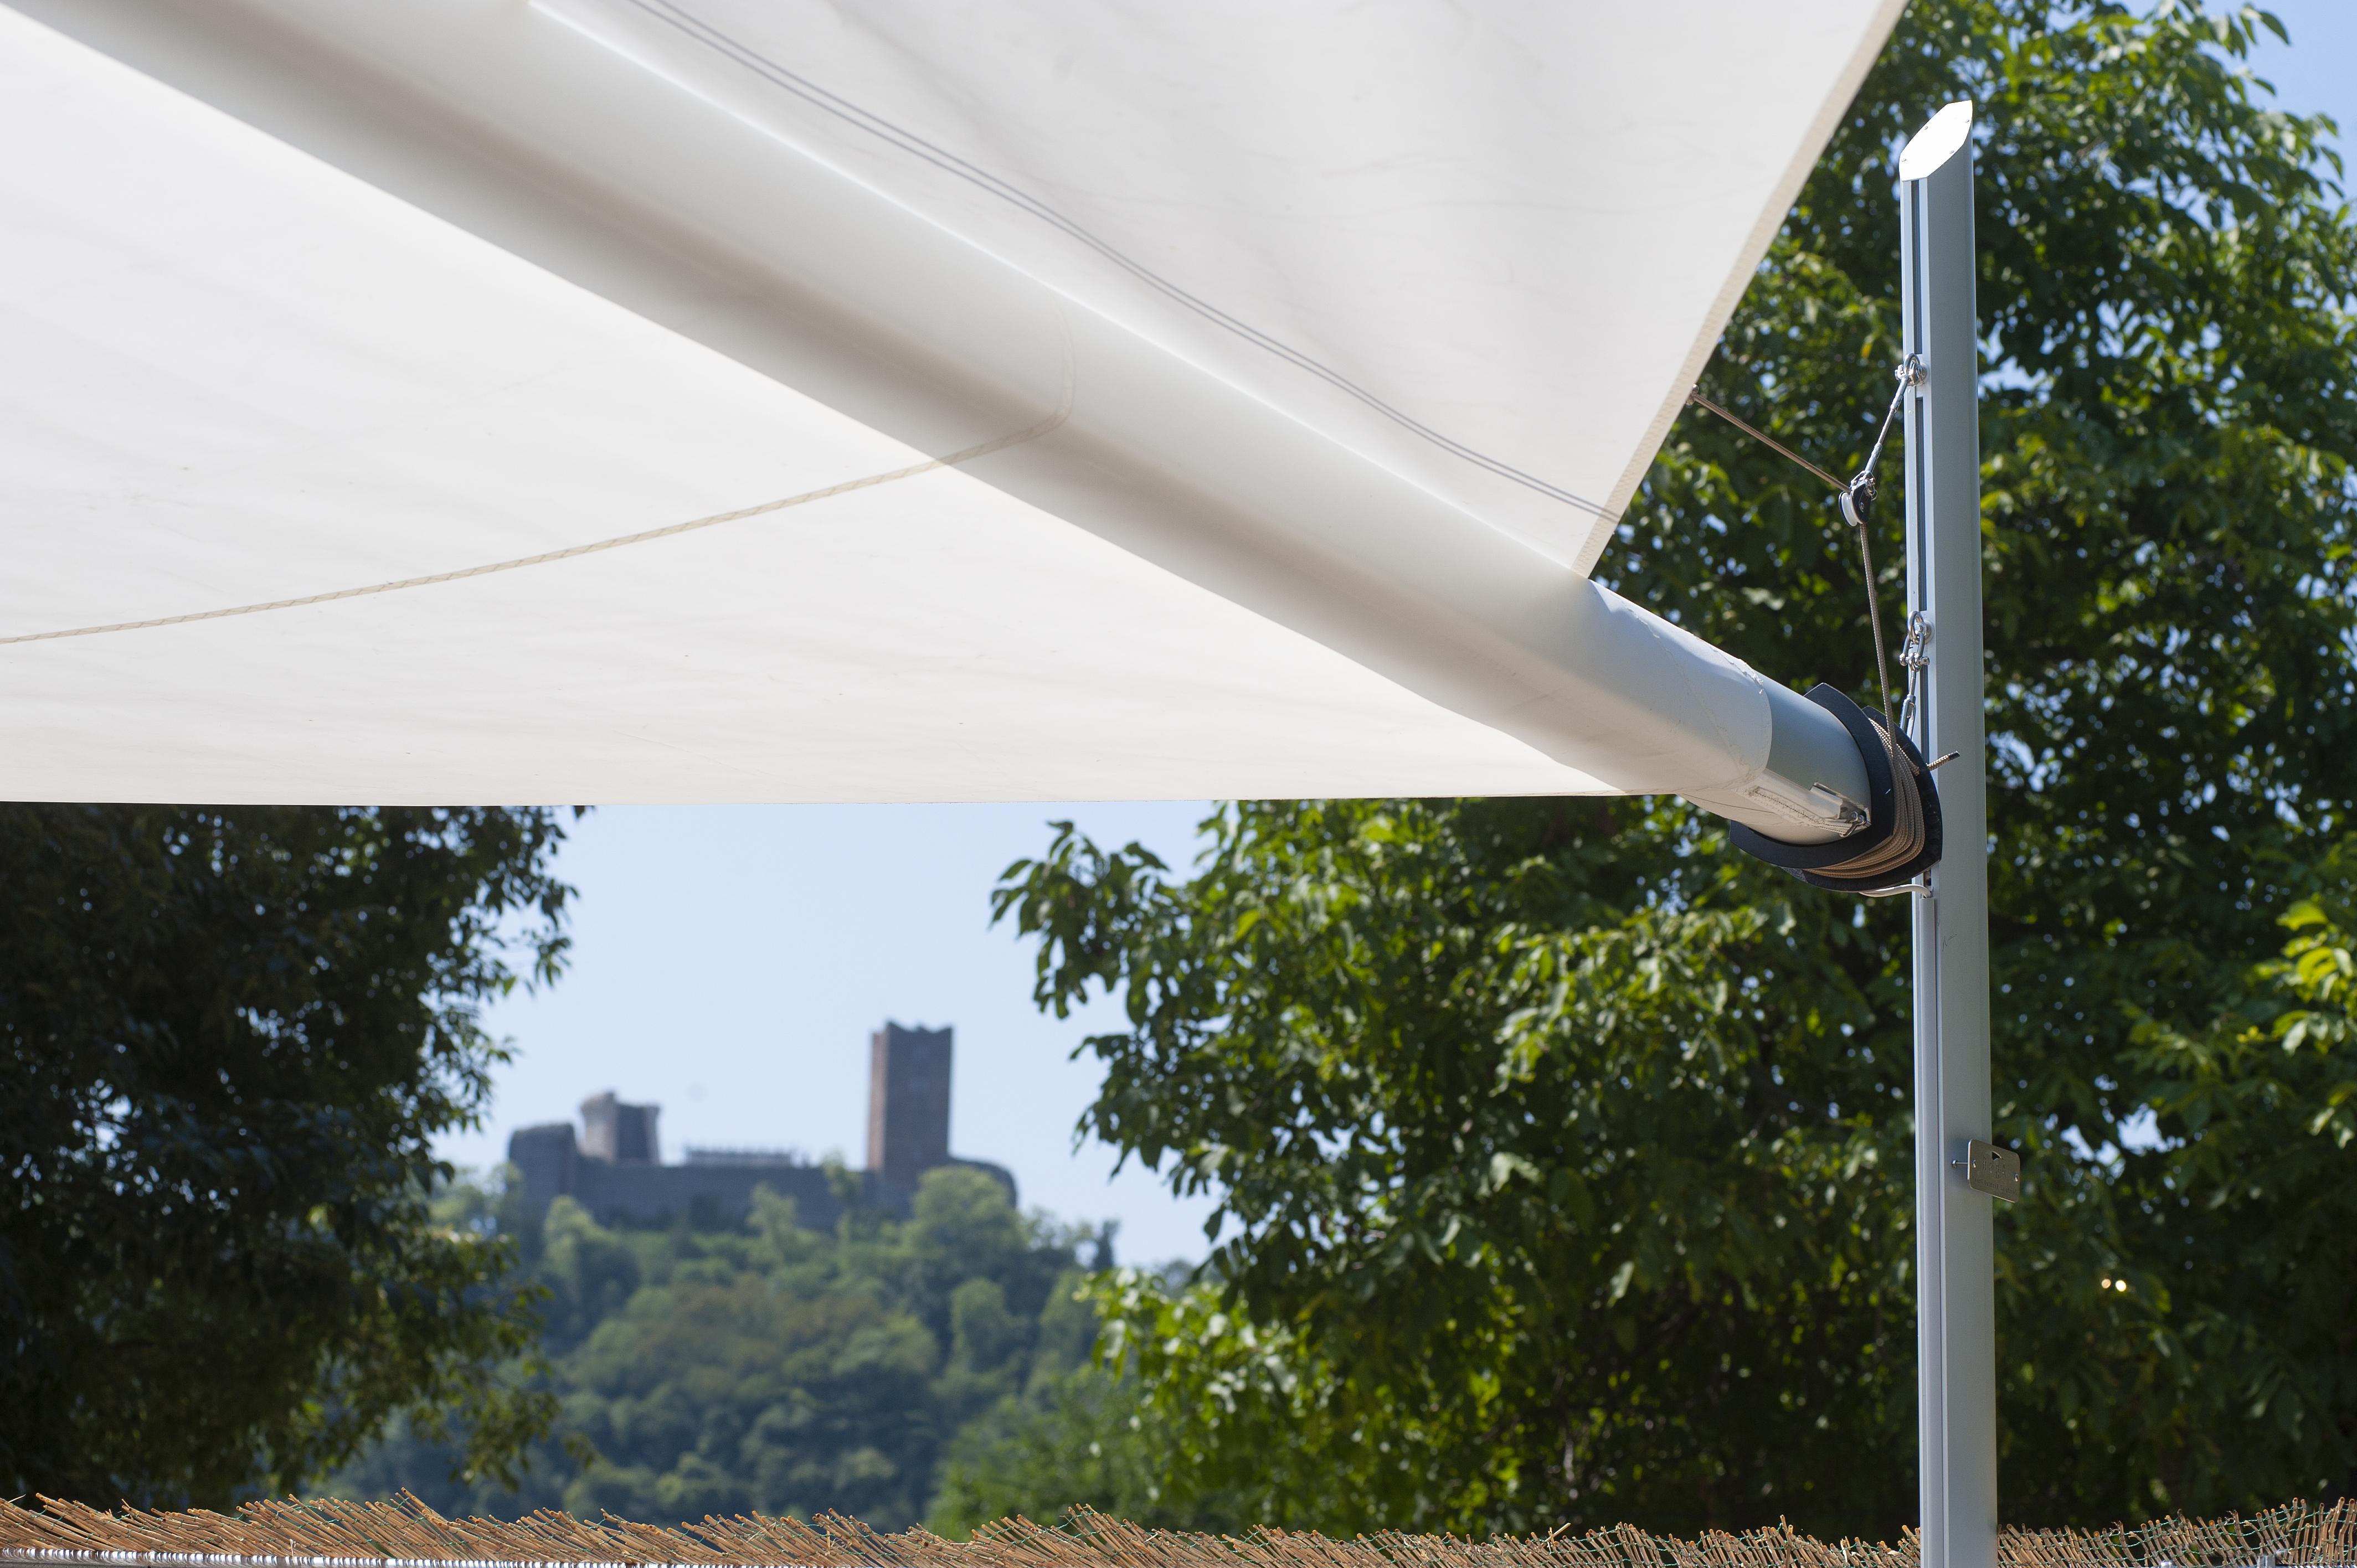 vela avvolgibile motorizzata per copertura plateatico ristorante